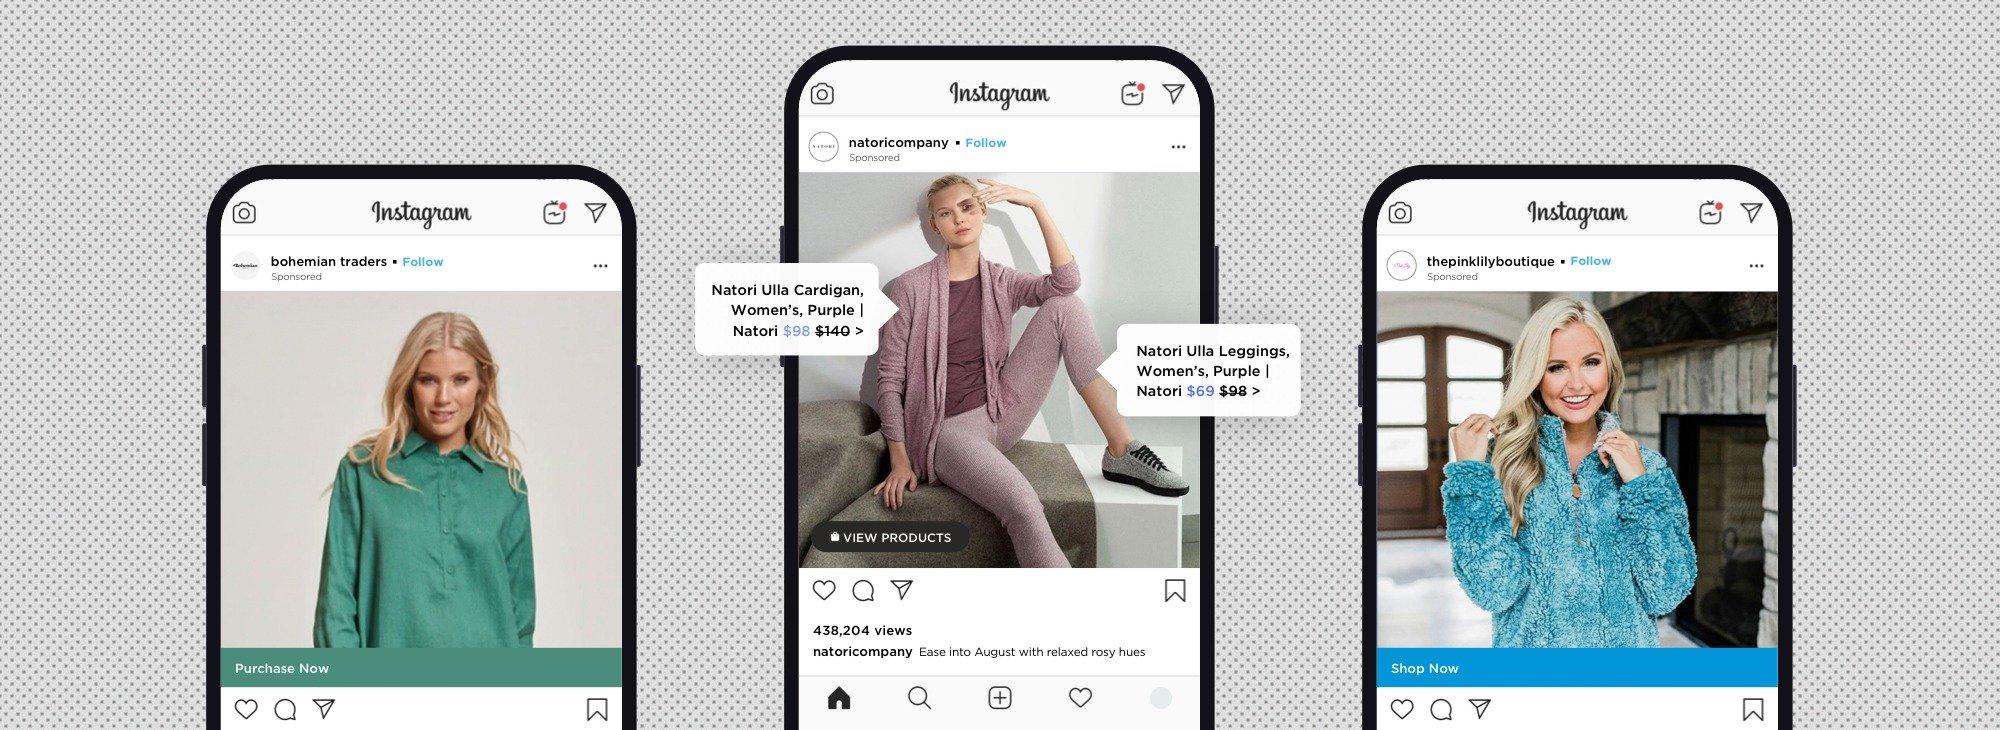 Instagram Reklam Verme İçin 5 Metot [2020]